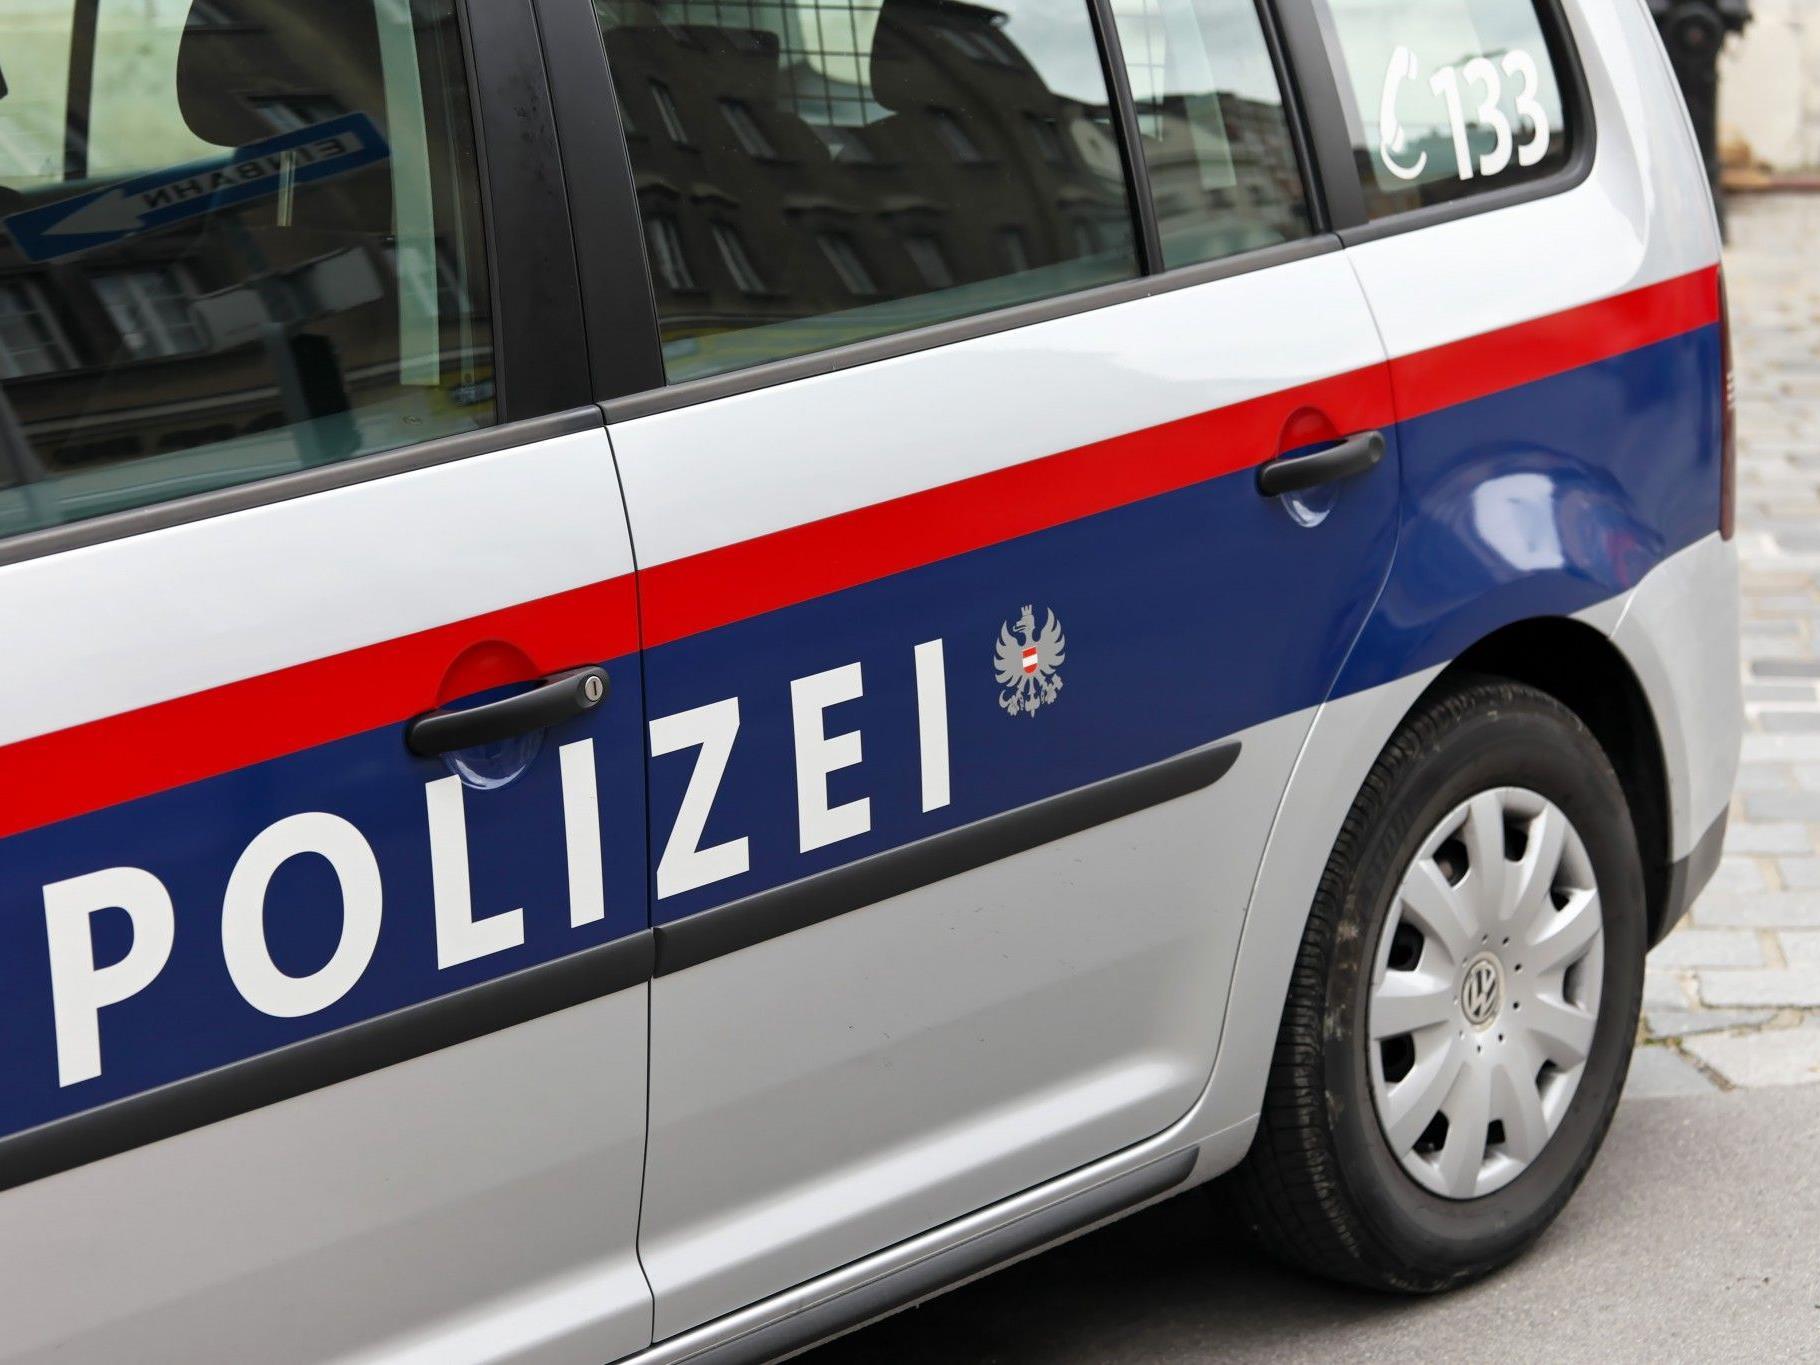 Ein 27-Jähriger wurde in der City überfallen und ausgeraubt. Die Täter konnten ausgeforscht werden.